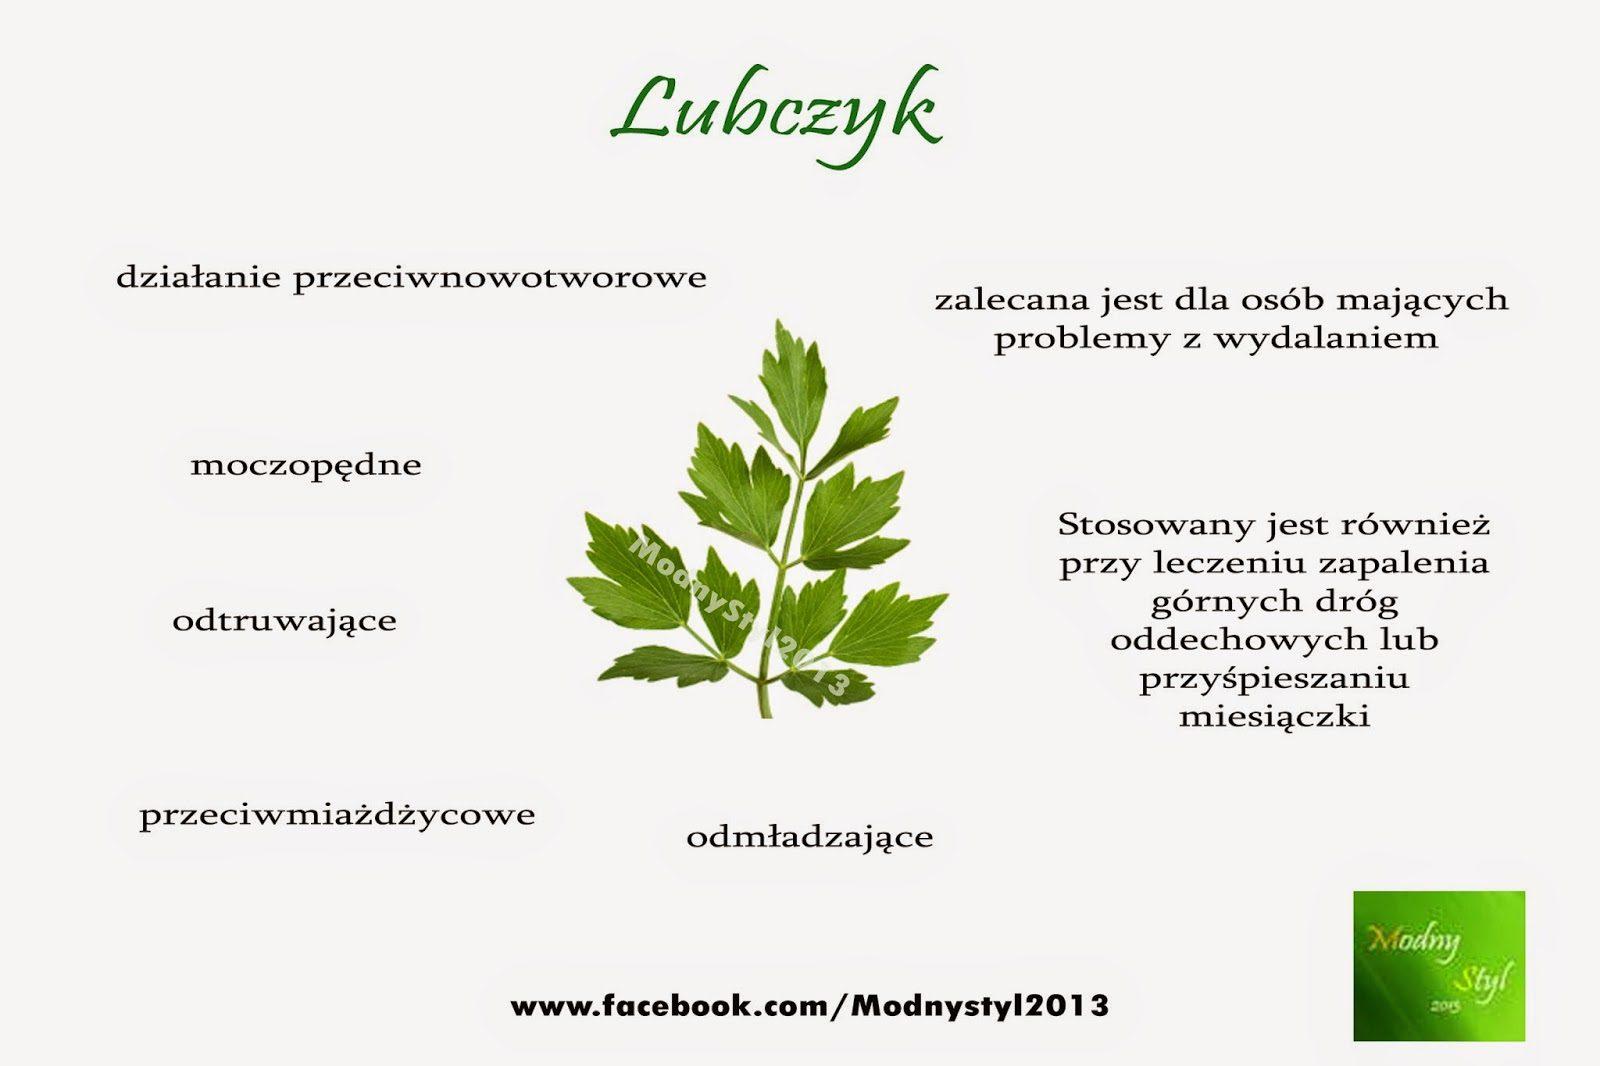 lubczyk-3661431